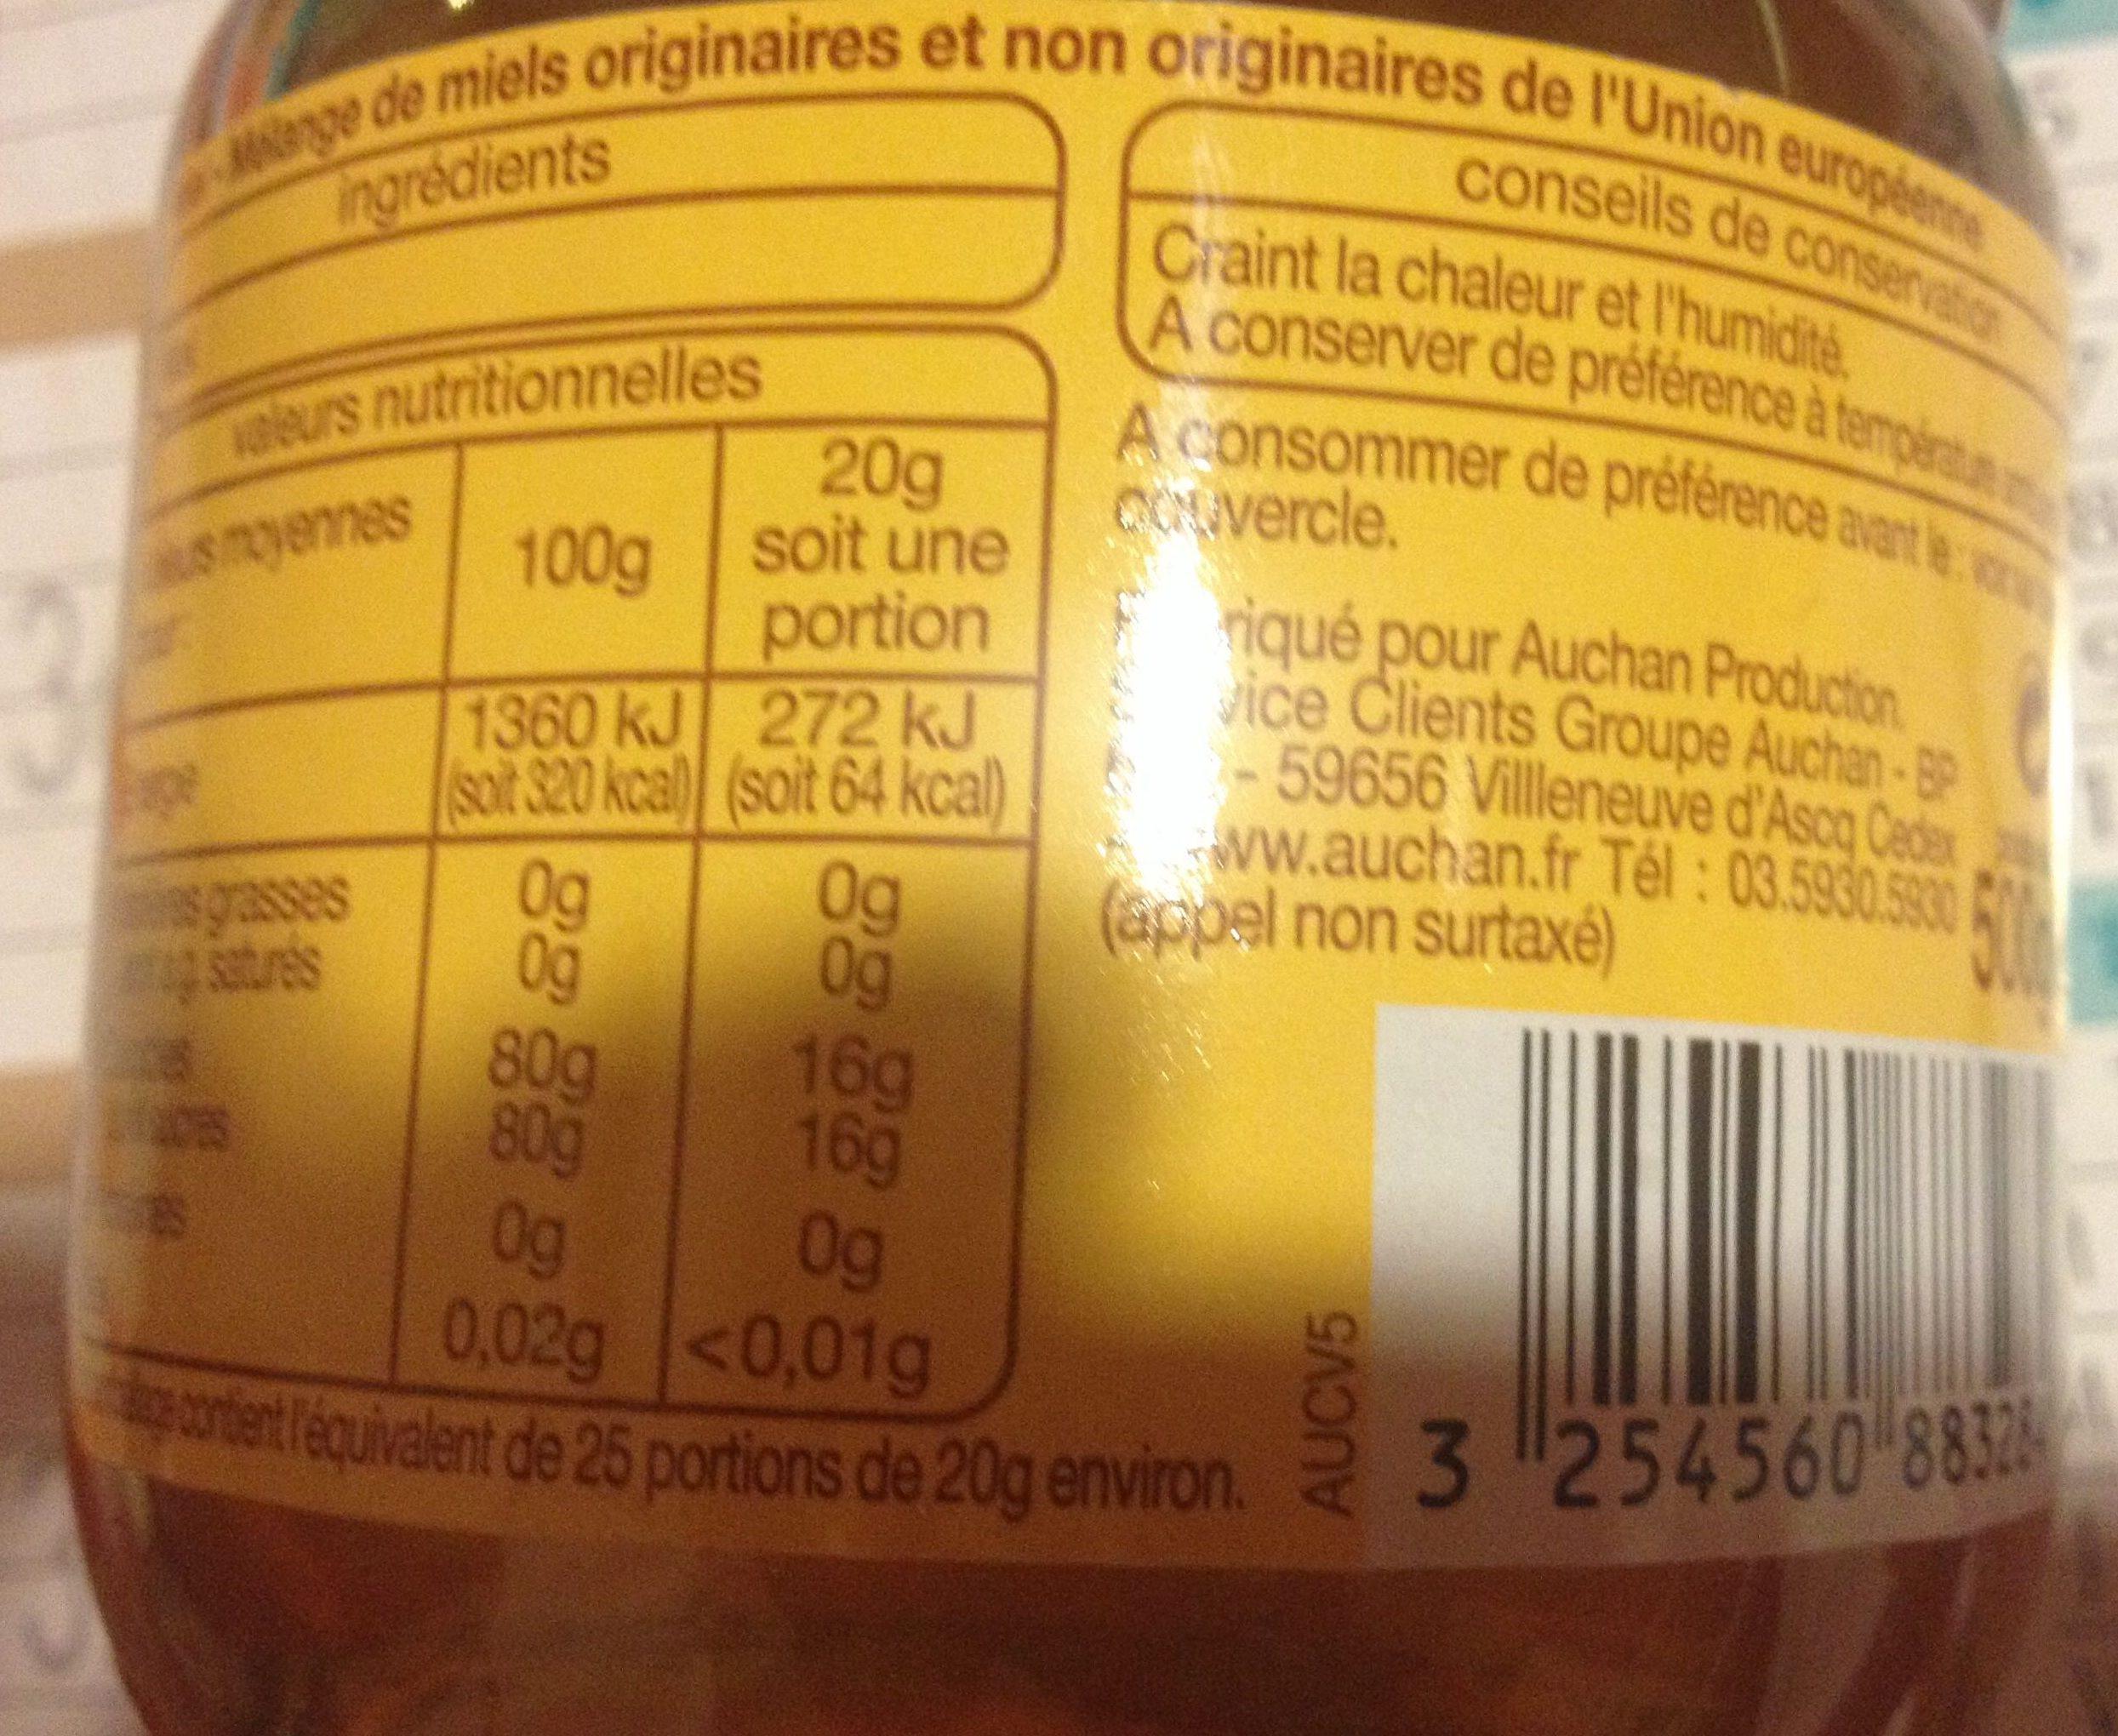 Mélange de miels originaires et non originaires de l'UE - Product